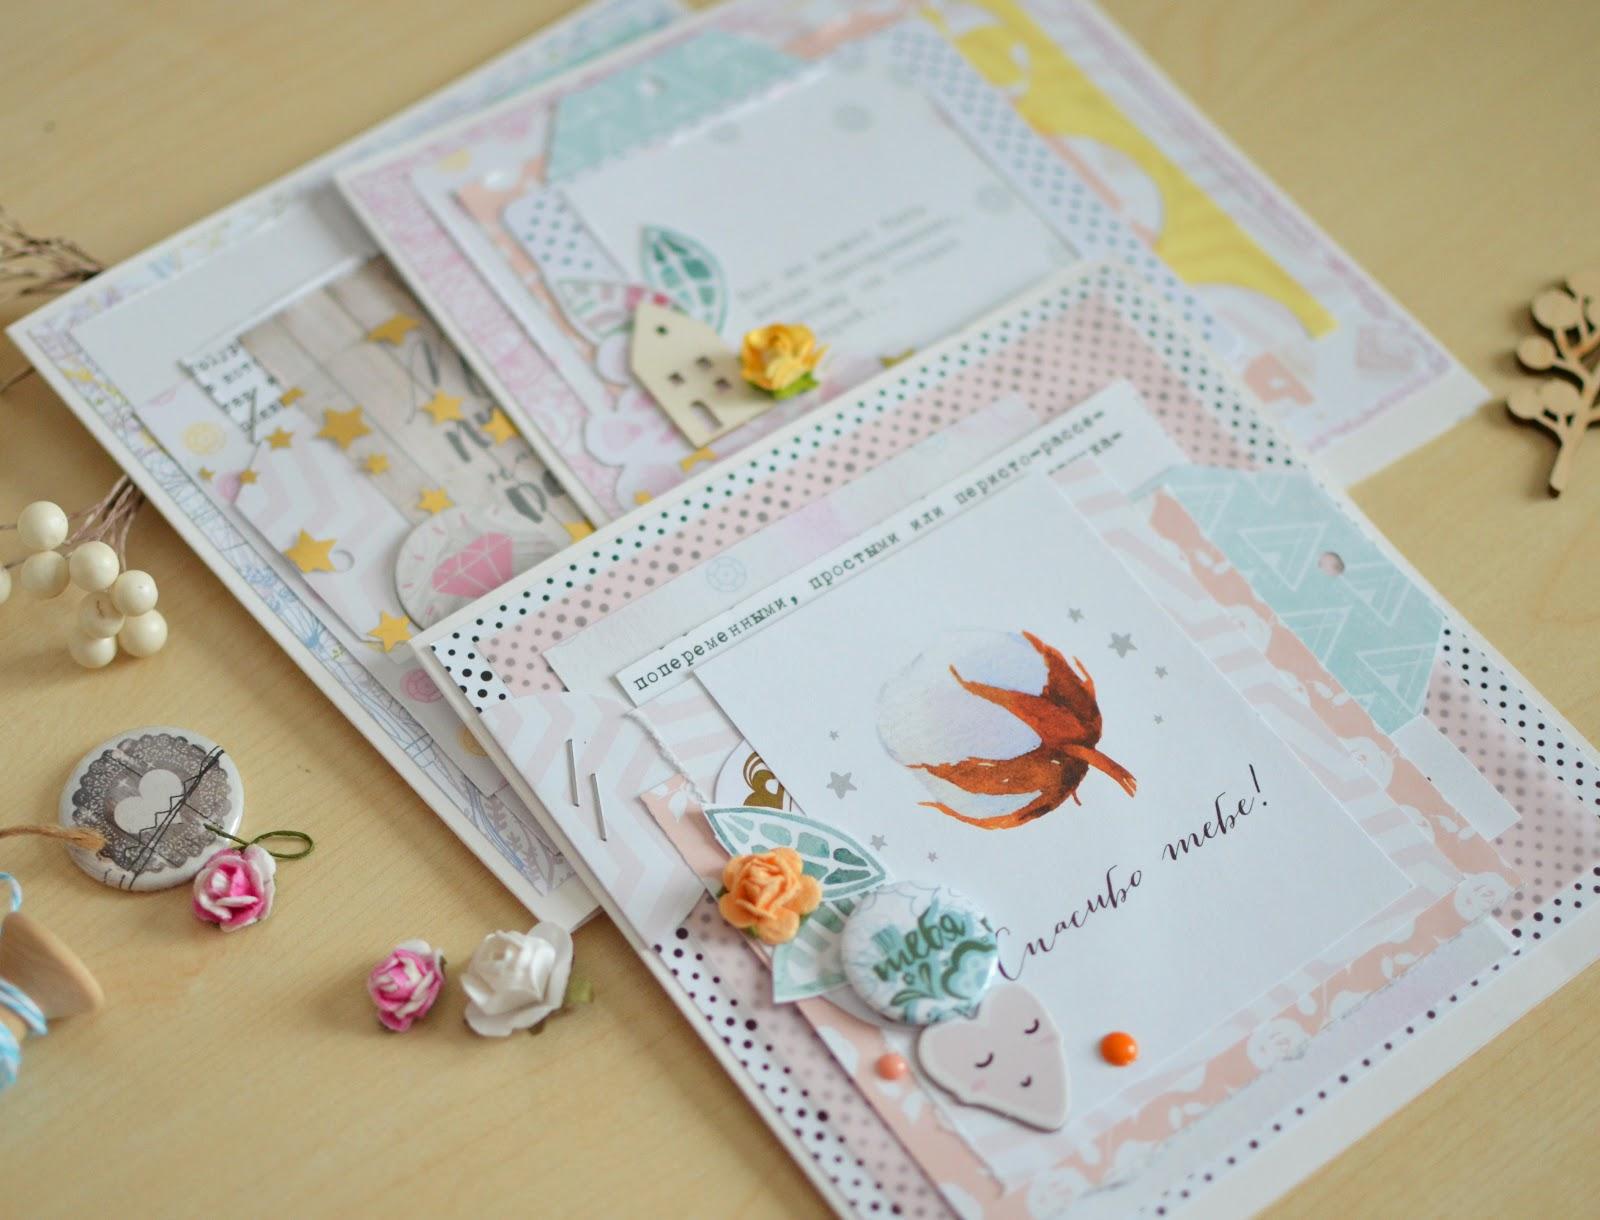 Комментариях, открытки от миланики